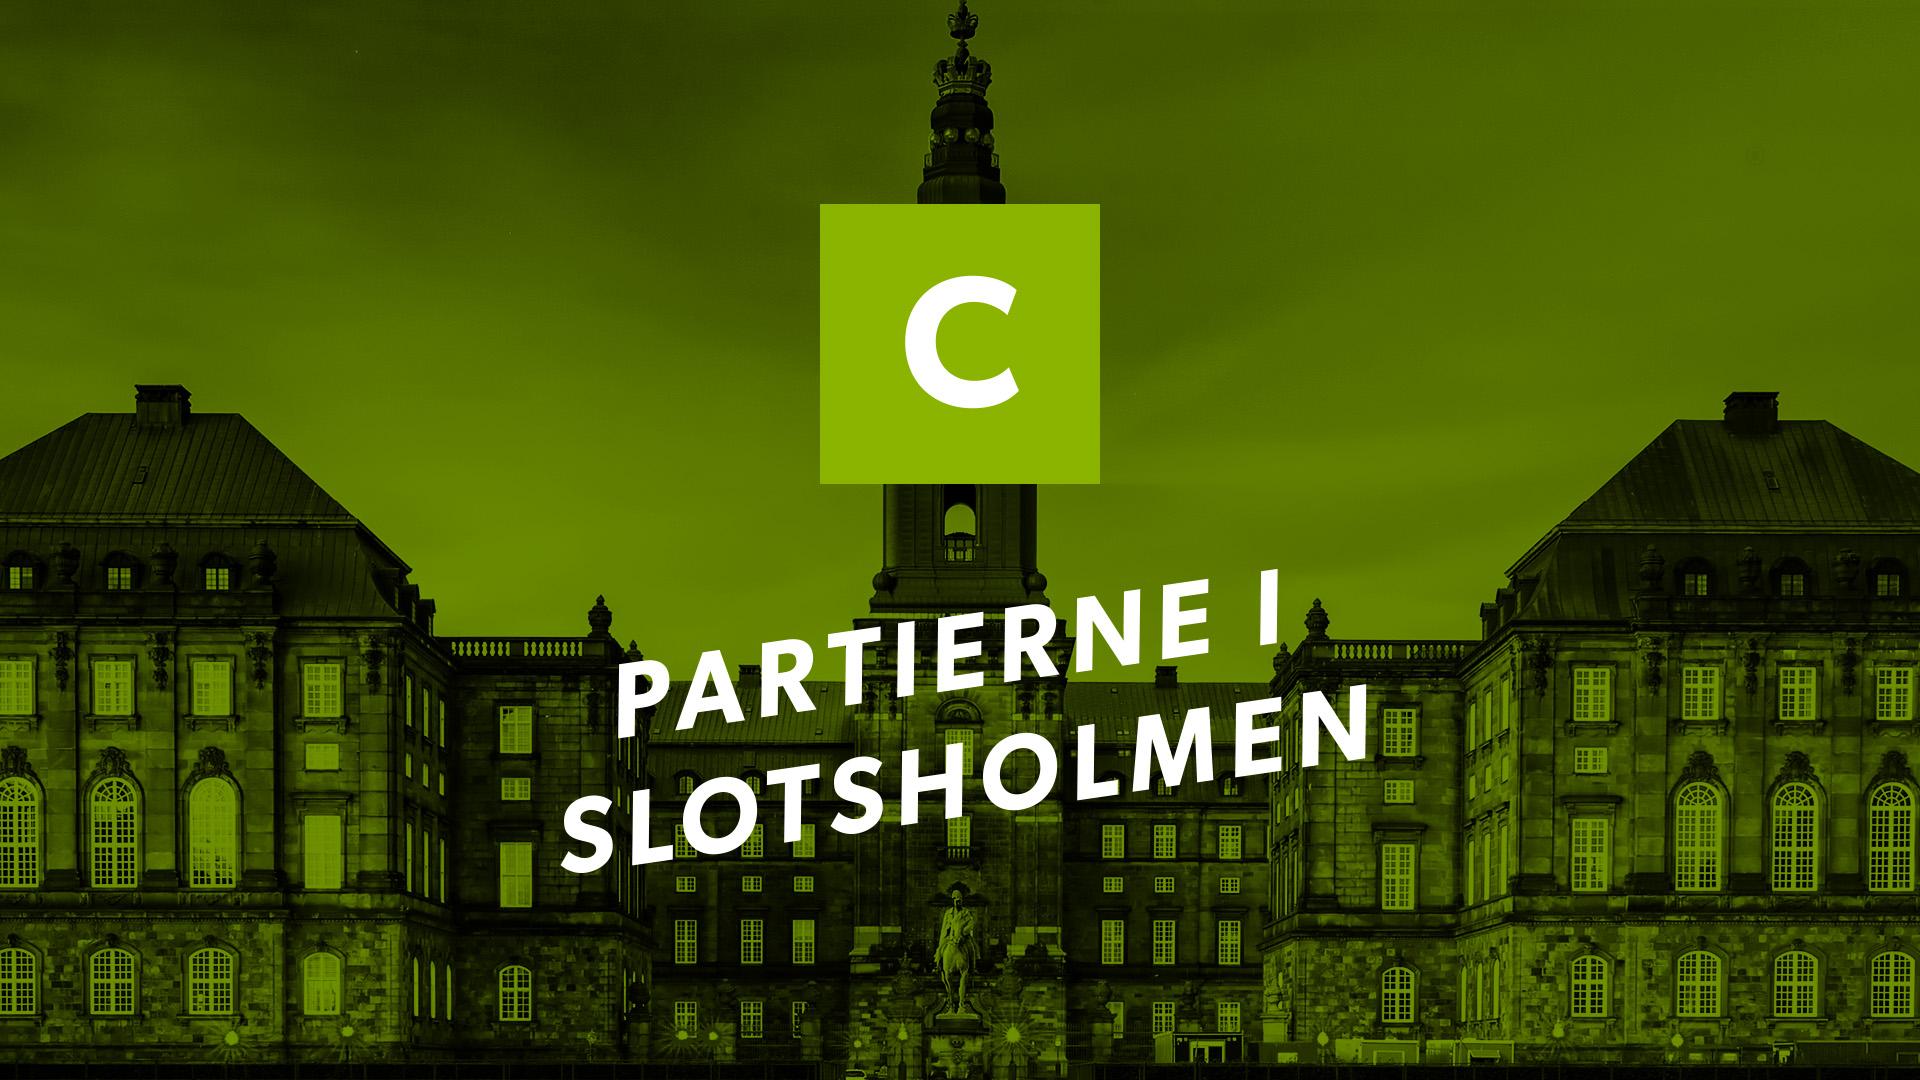 Partierne i Slotsholmen: Det Konservative Folkeparti